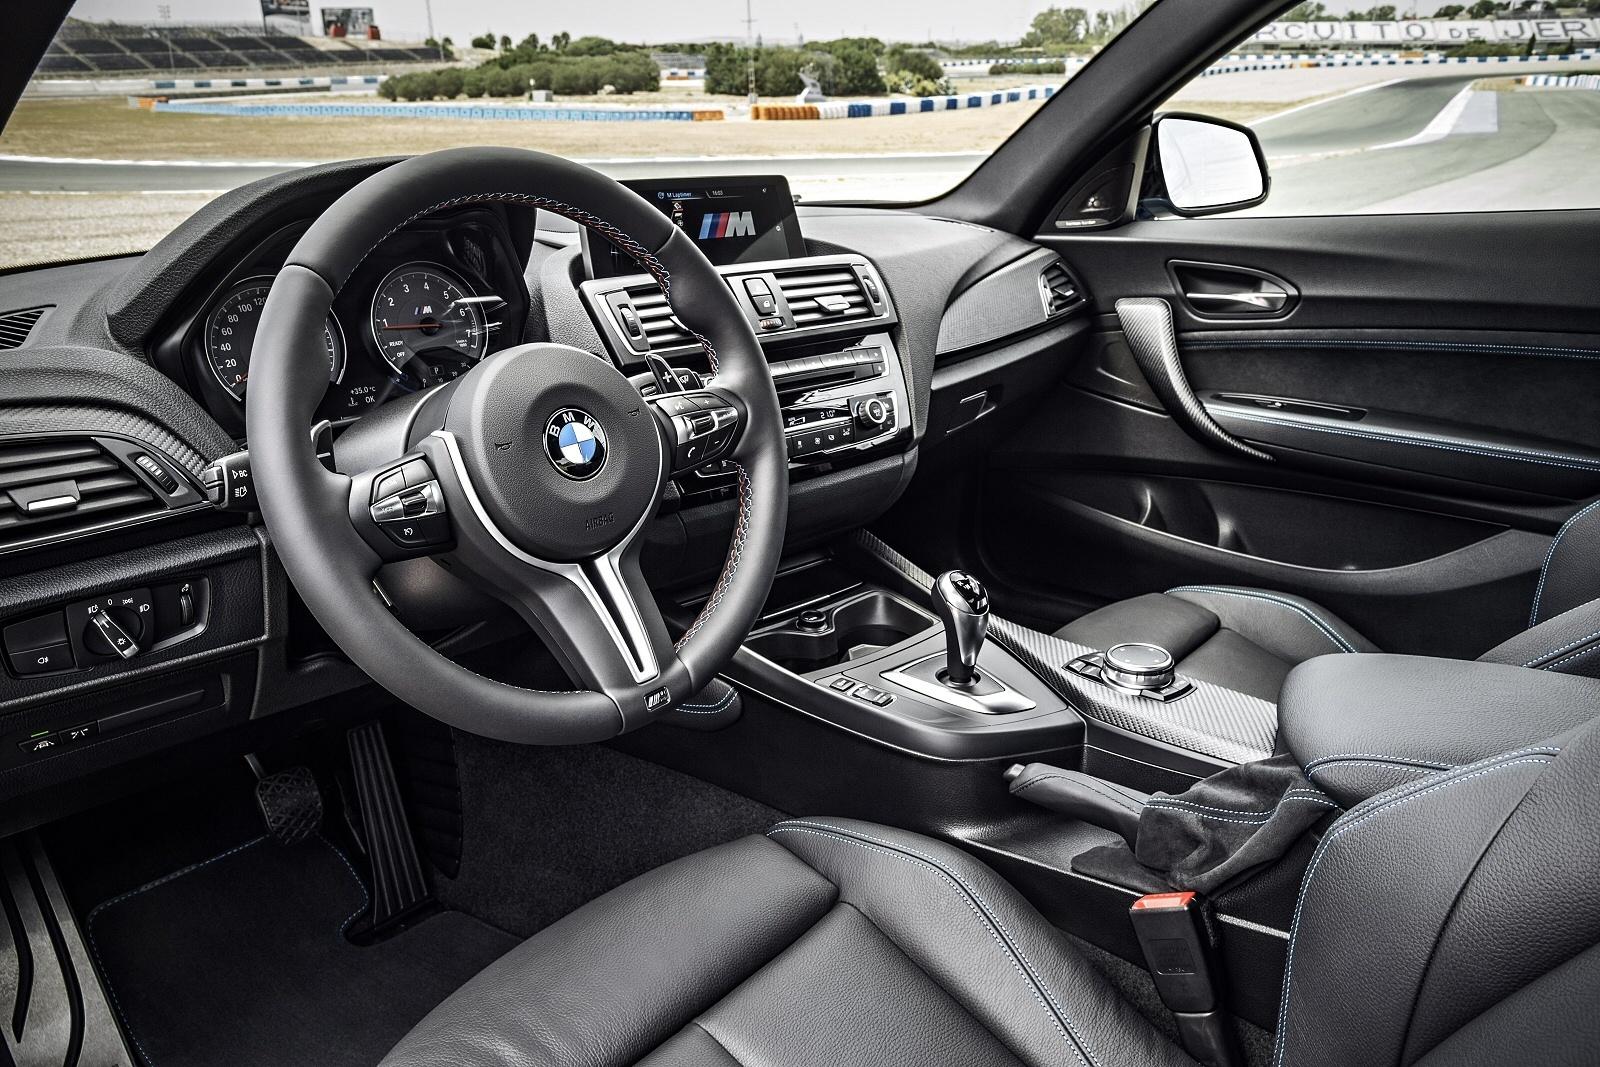 BMWM21115Int